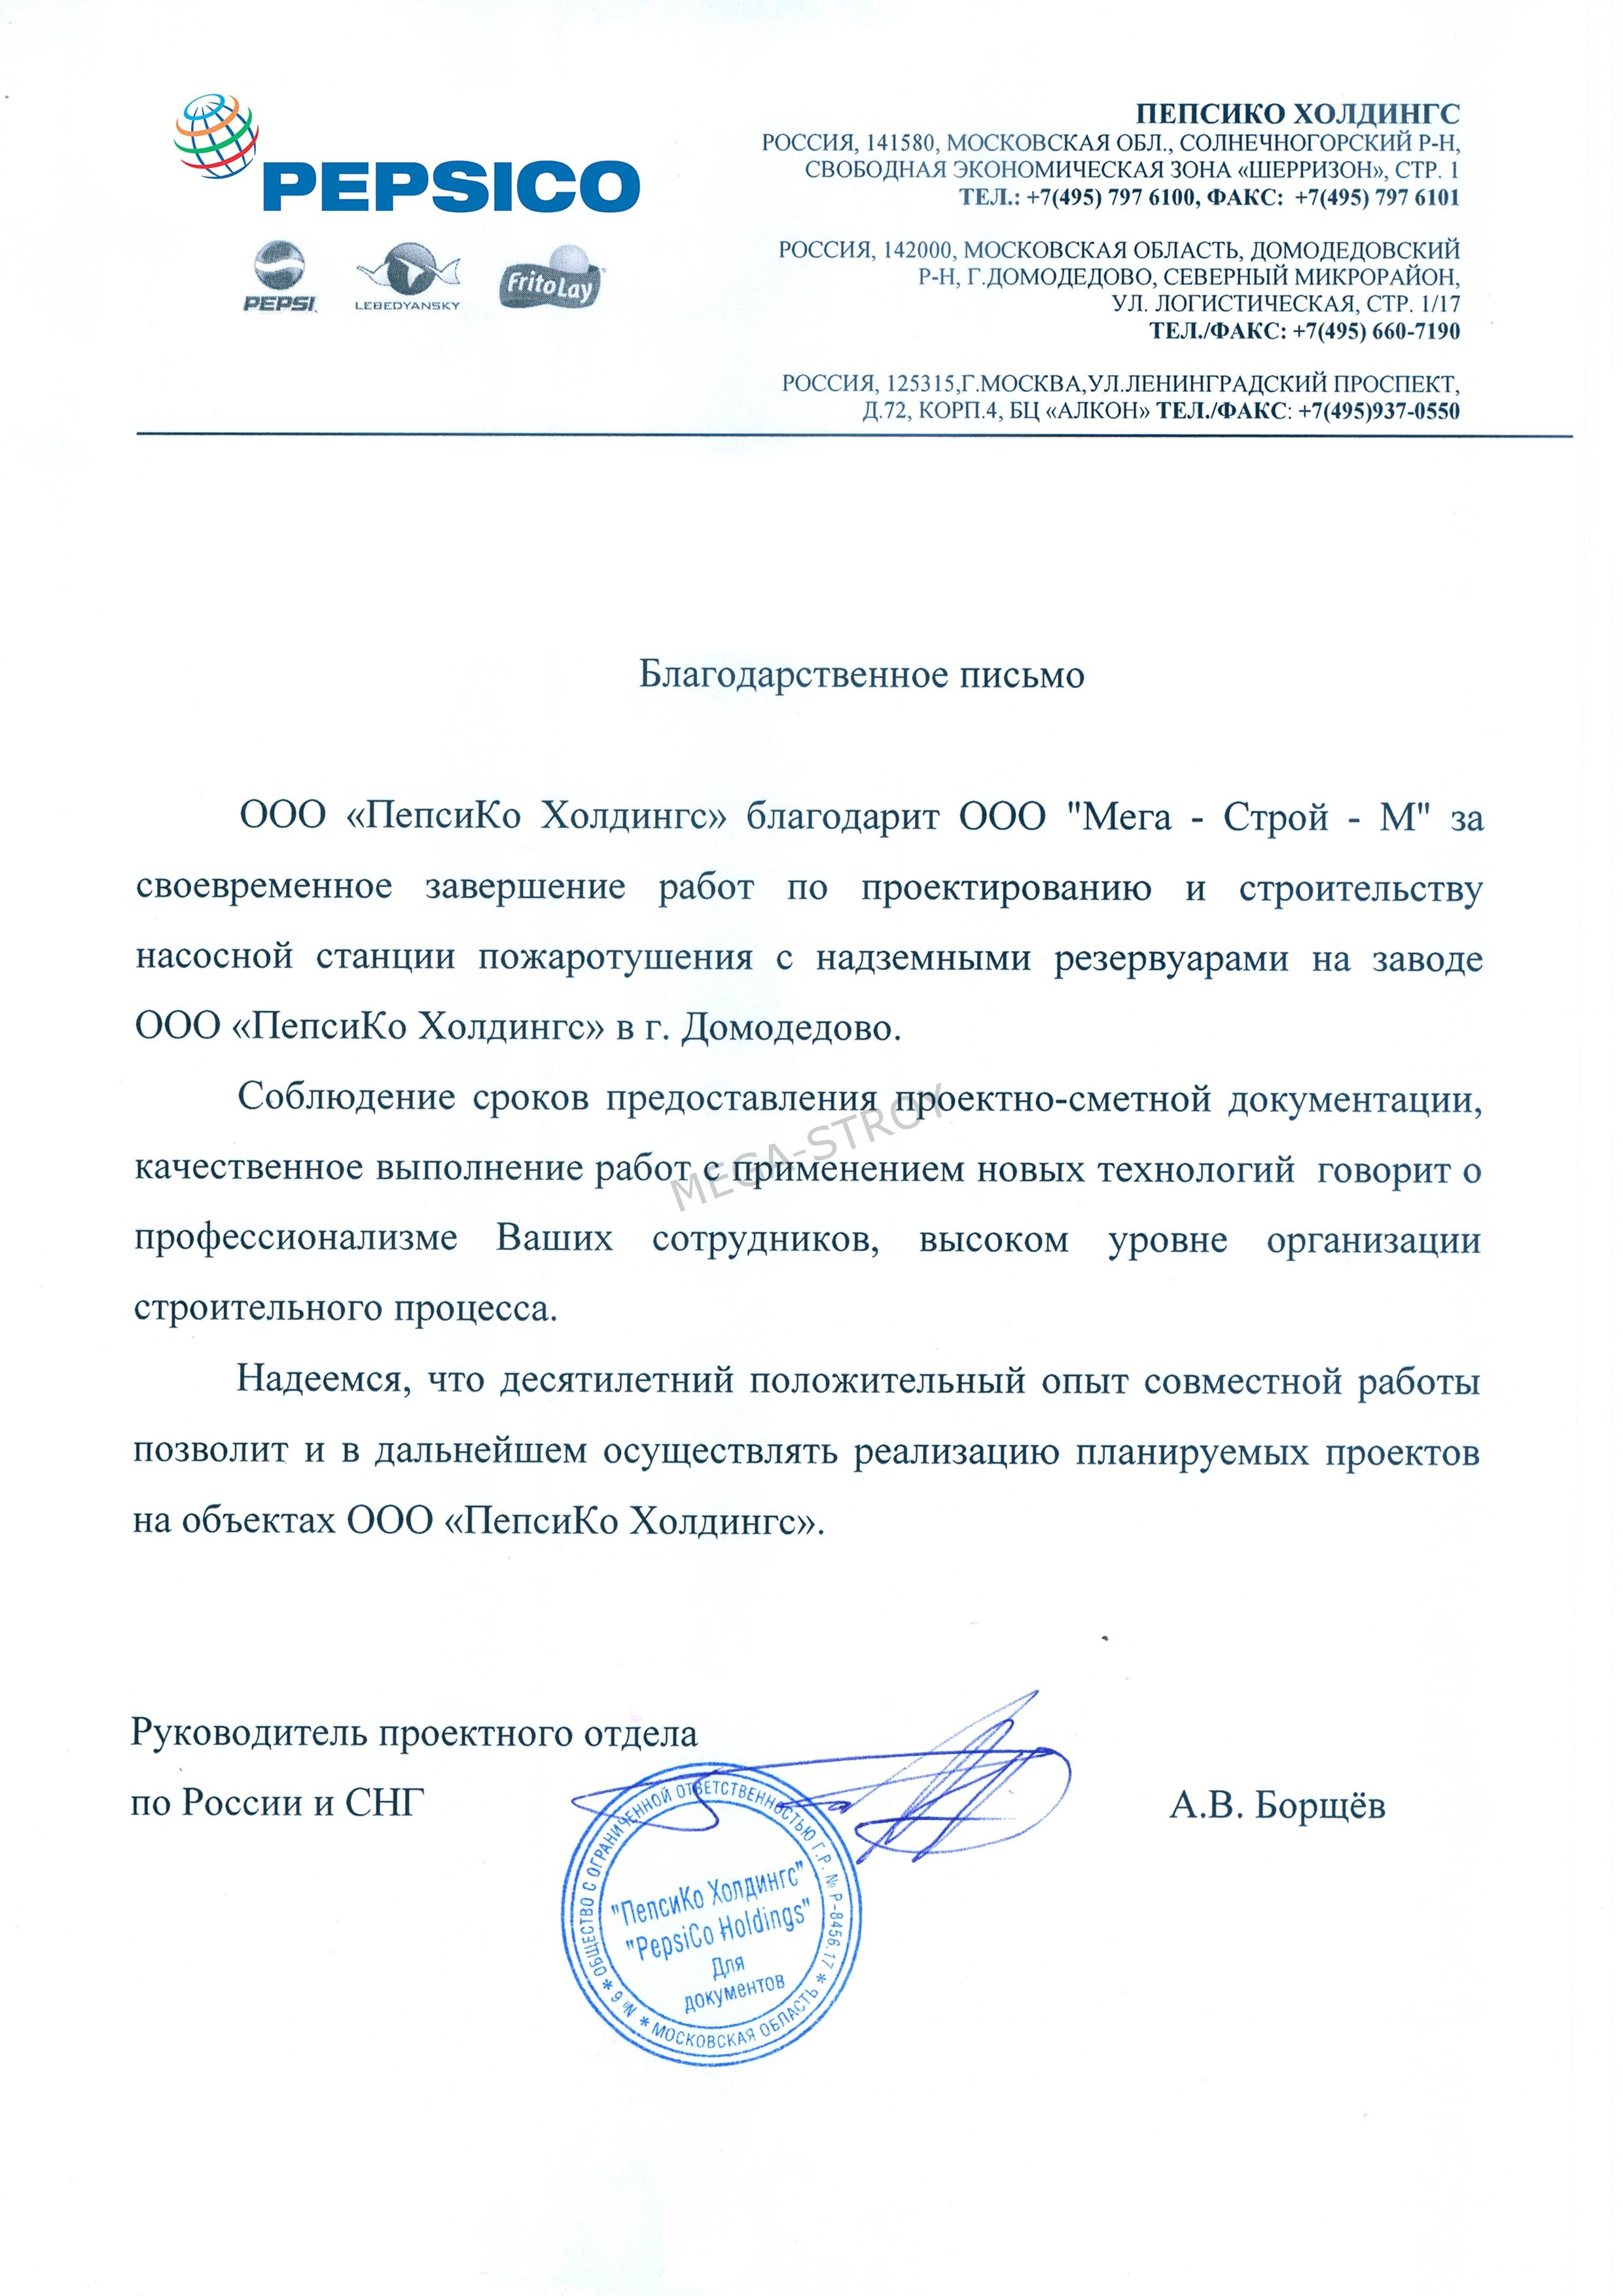 Рекомендательное письмо от Pepsi (строительство насосной станции) | МЕГА-СТРОЙ